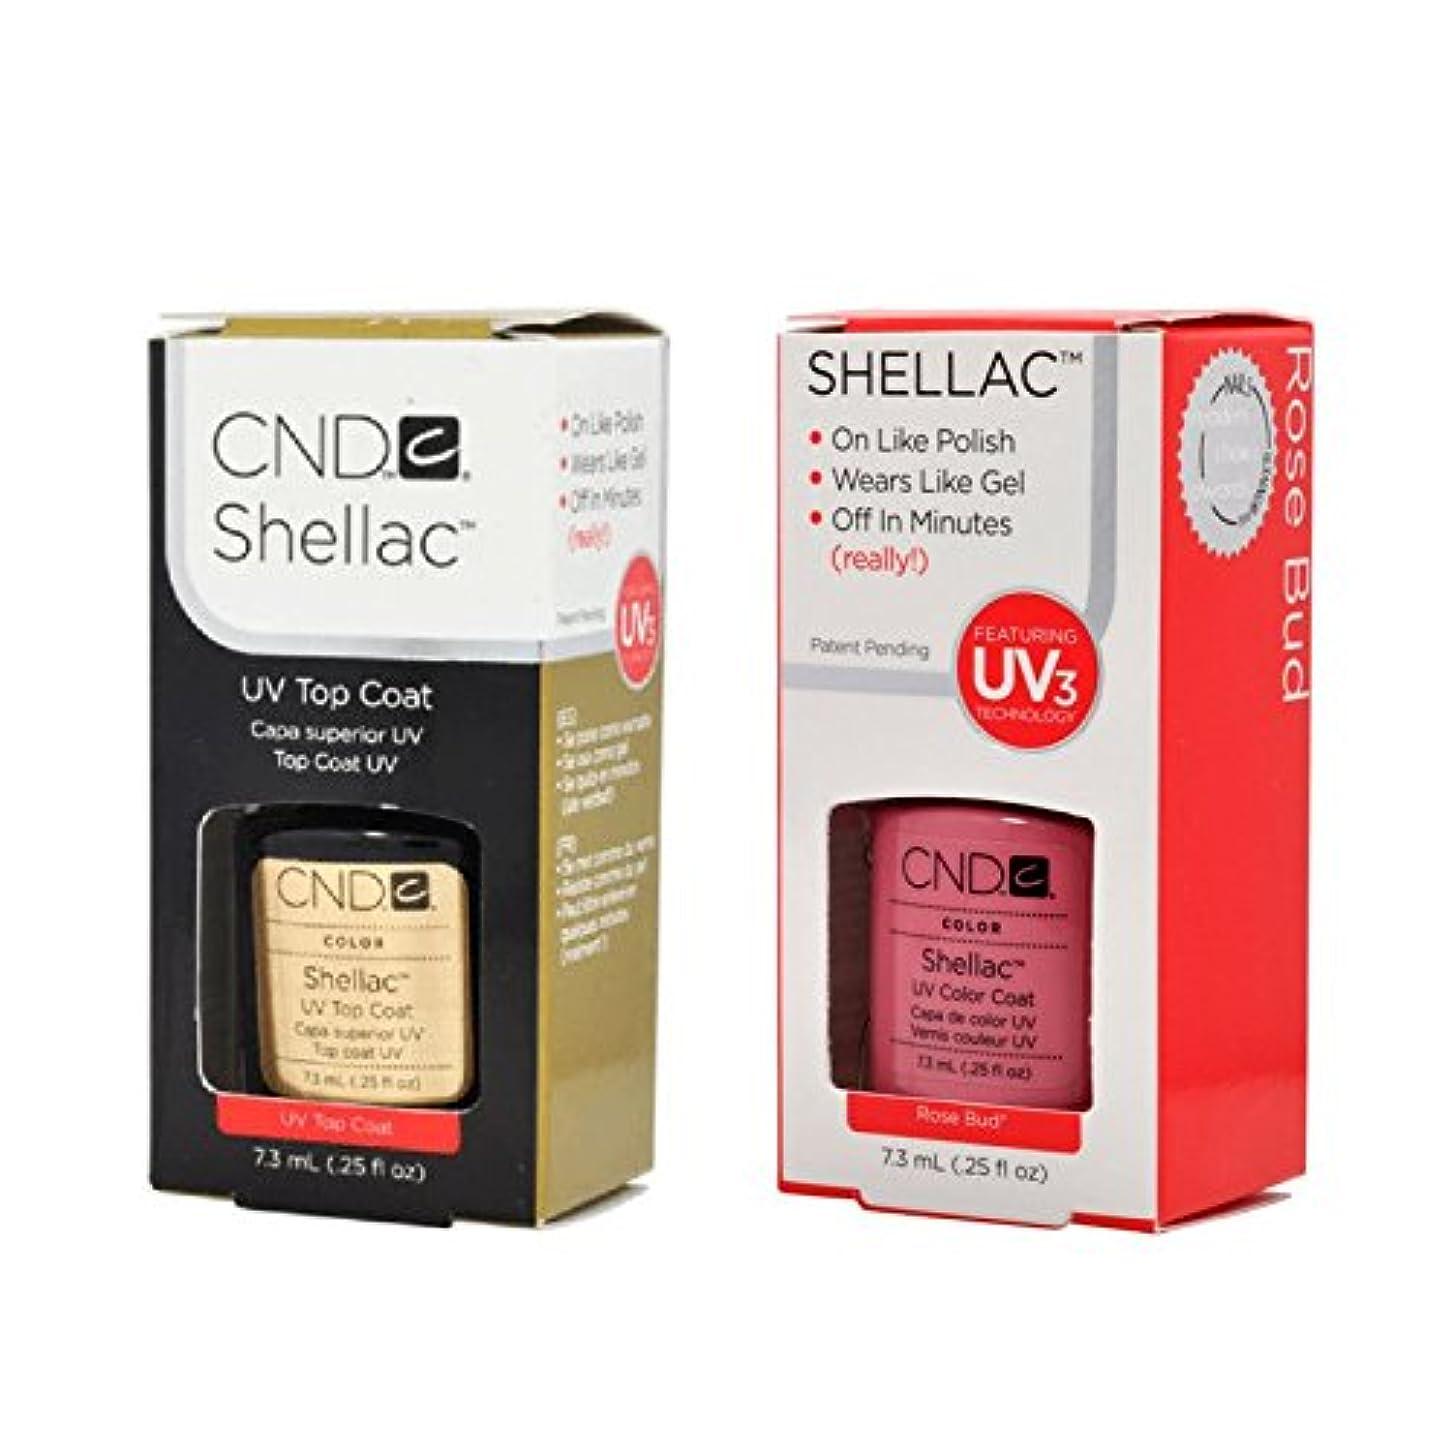 ミントダーリン実業家CND Shellac UVトップコート 7.3m l  &  UV カラーコー< Rose Bud>7.3ml [海外直送品]